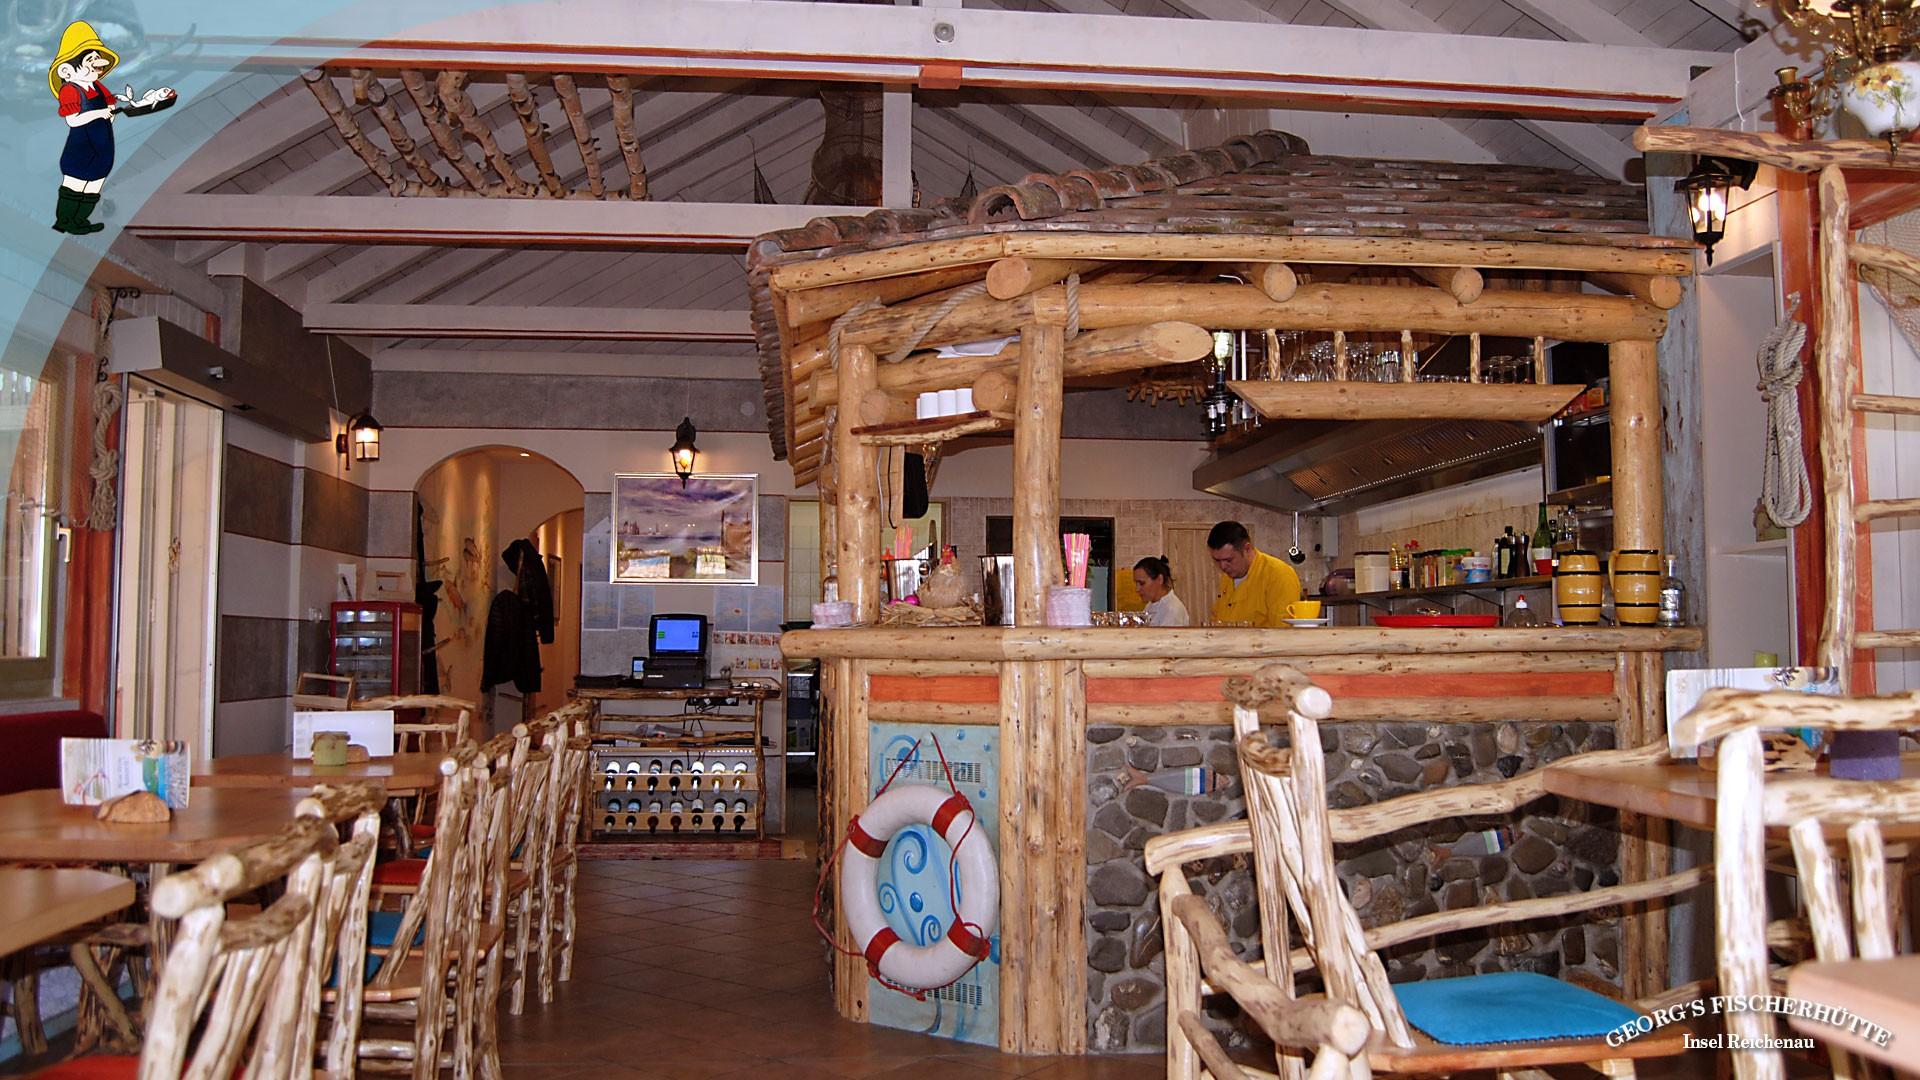 Georg's Fischerhütte, Konstanz-Reichenau: Frischfisch-Angebot nach Fang im neu eröffneten Bodensee-Fisch-Restaurant